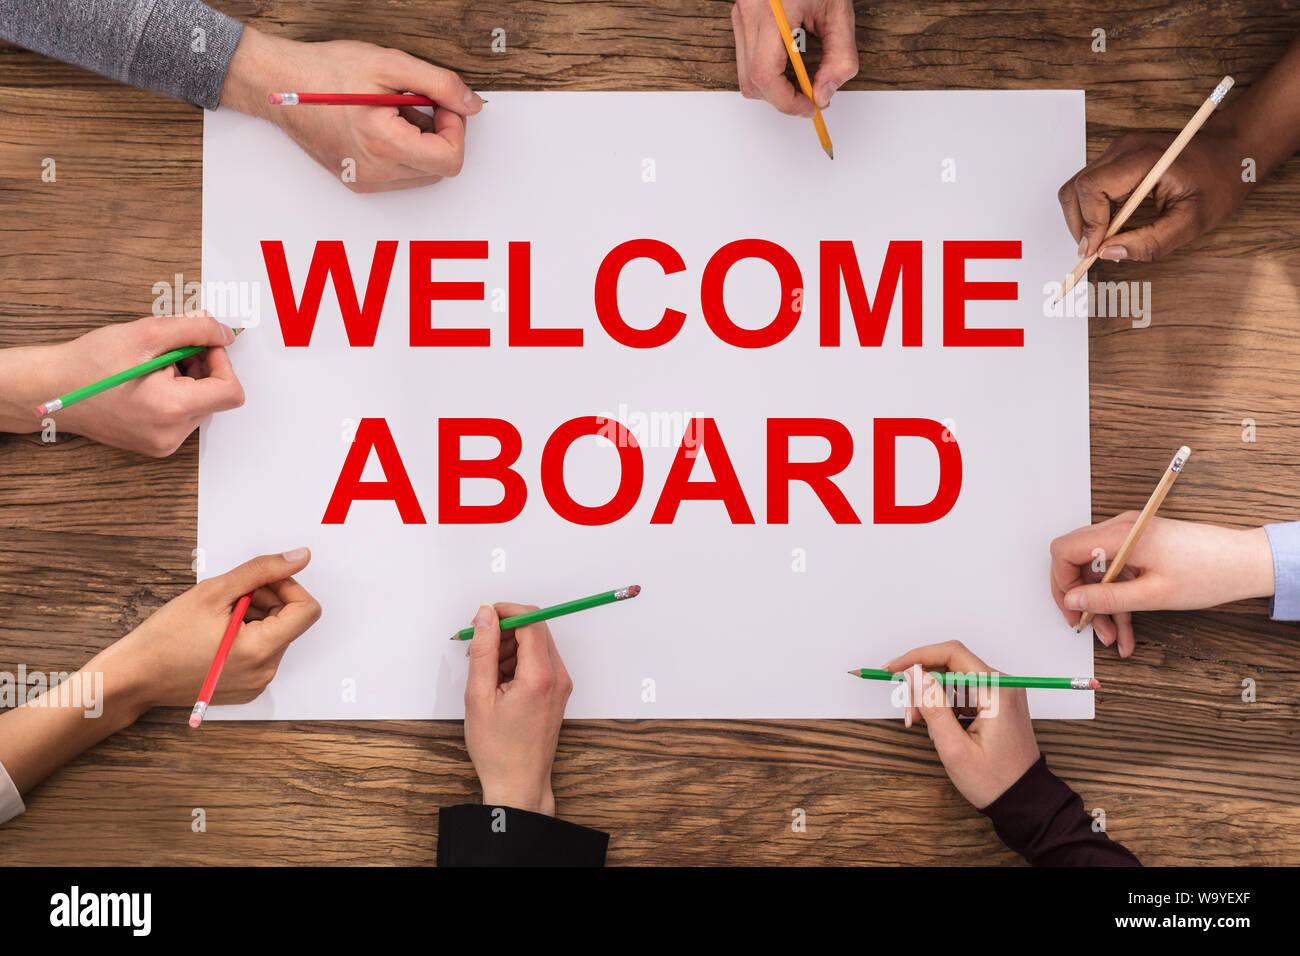 Un portrait d'Entrepreneurs mains écrit avec des crayons de couleur sur papier Bienvenue à Bord Banque D'Images